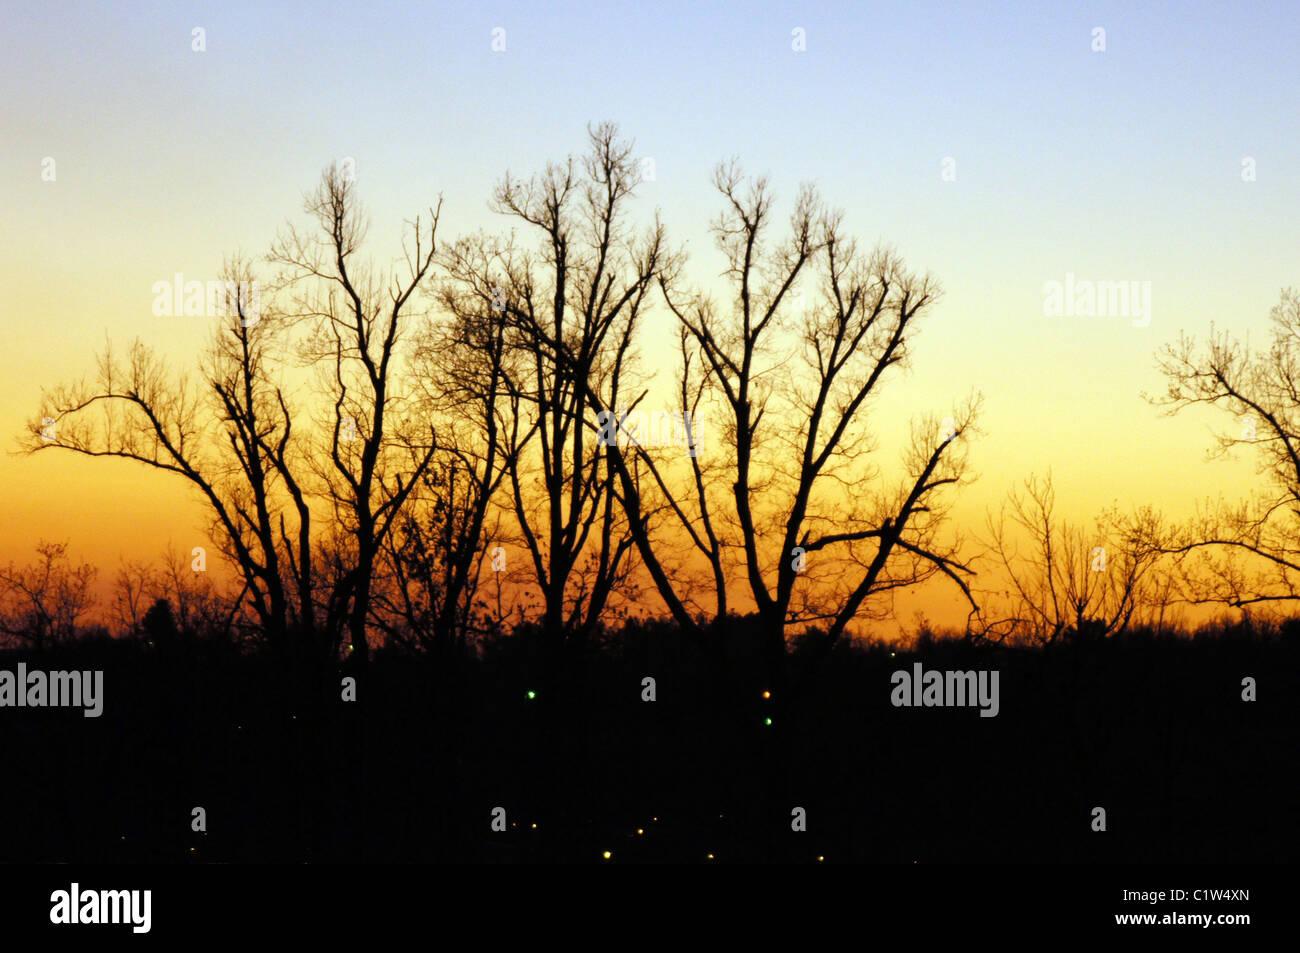 Arkansas tramonto con neri alti alberi stagliano centrato nell'immagine. Un blu e arancione sky offre grande Immagini Stock